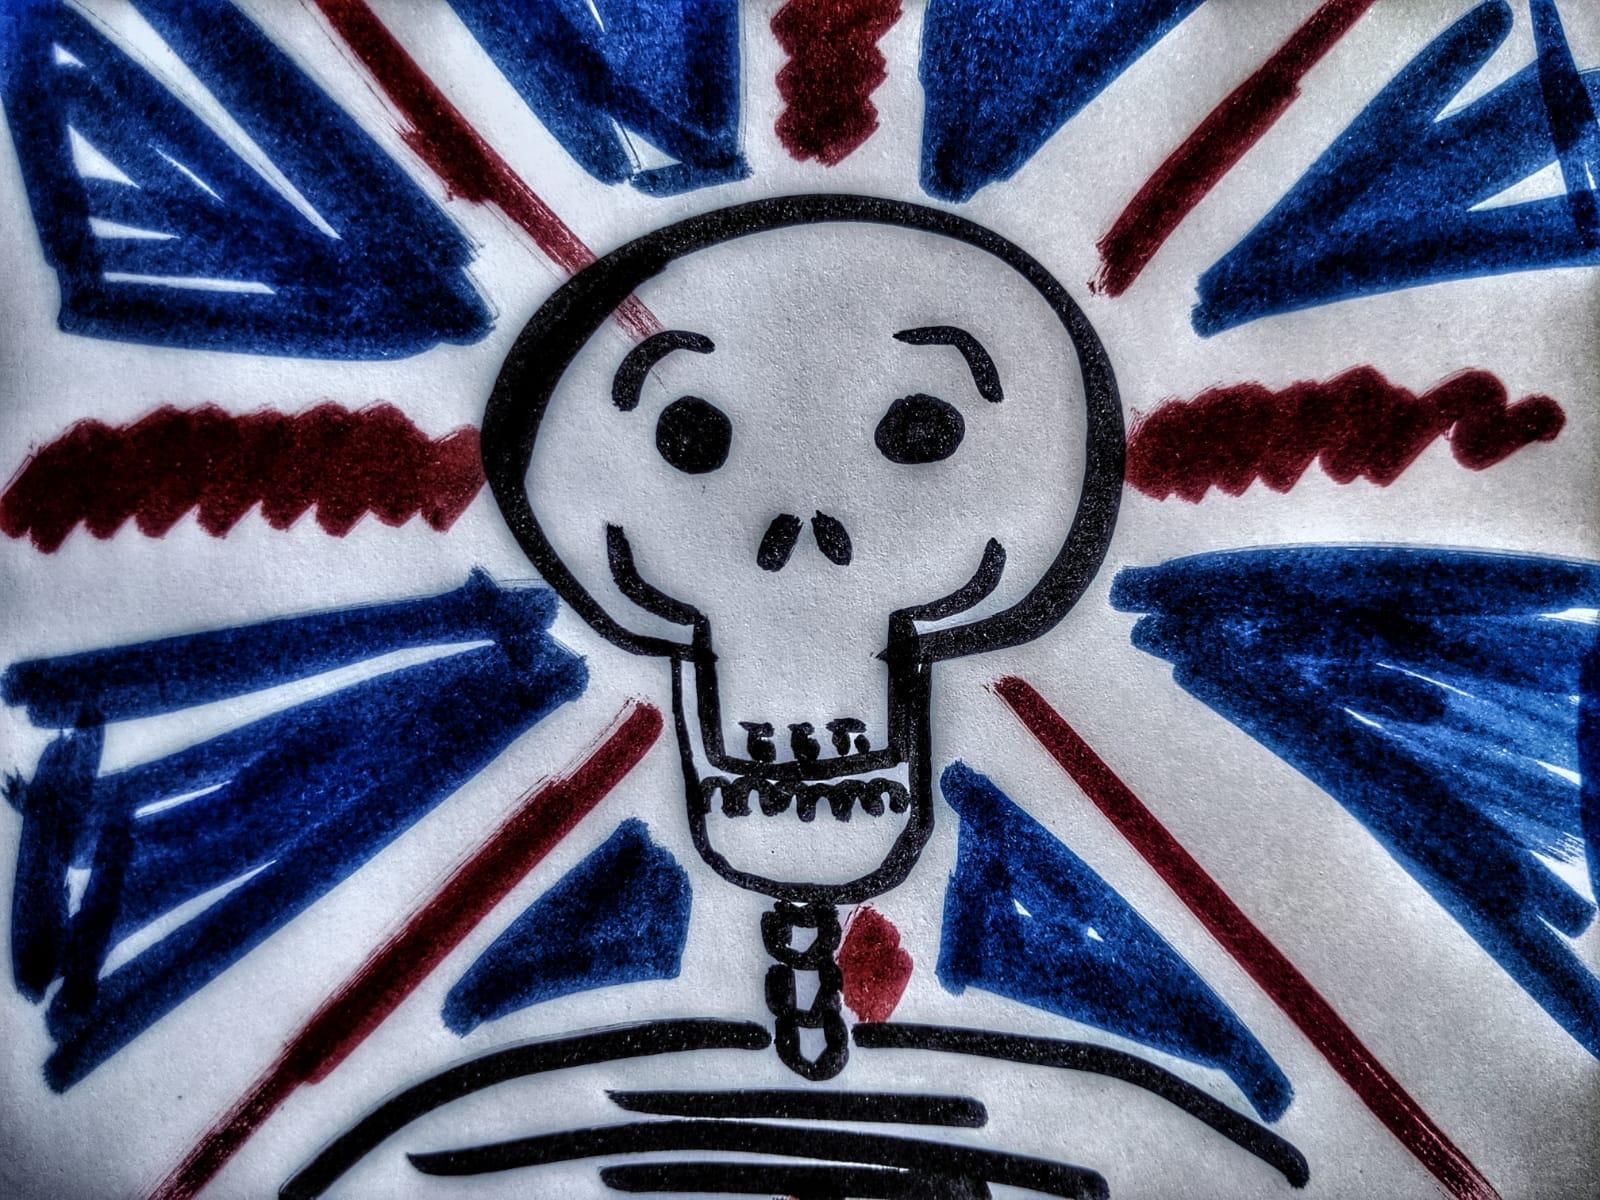 Kara śmierci, czy nadal obowiązuje w Wielkiej Brytanii?